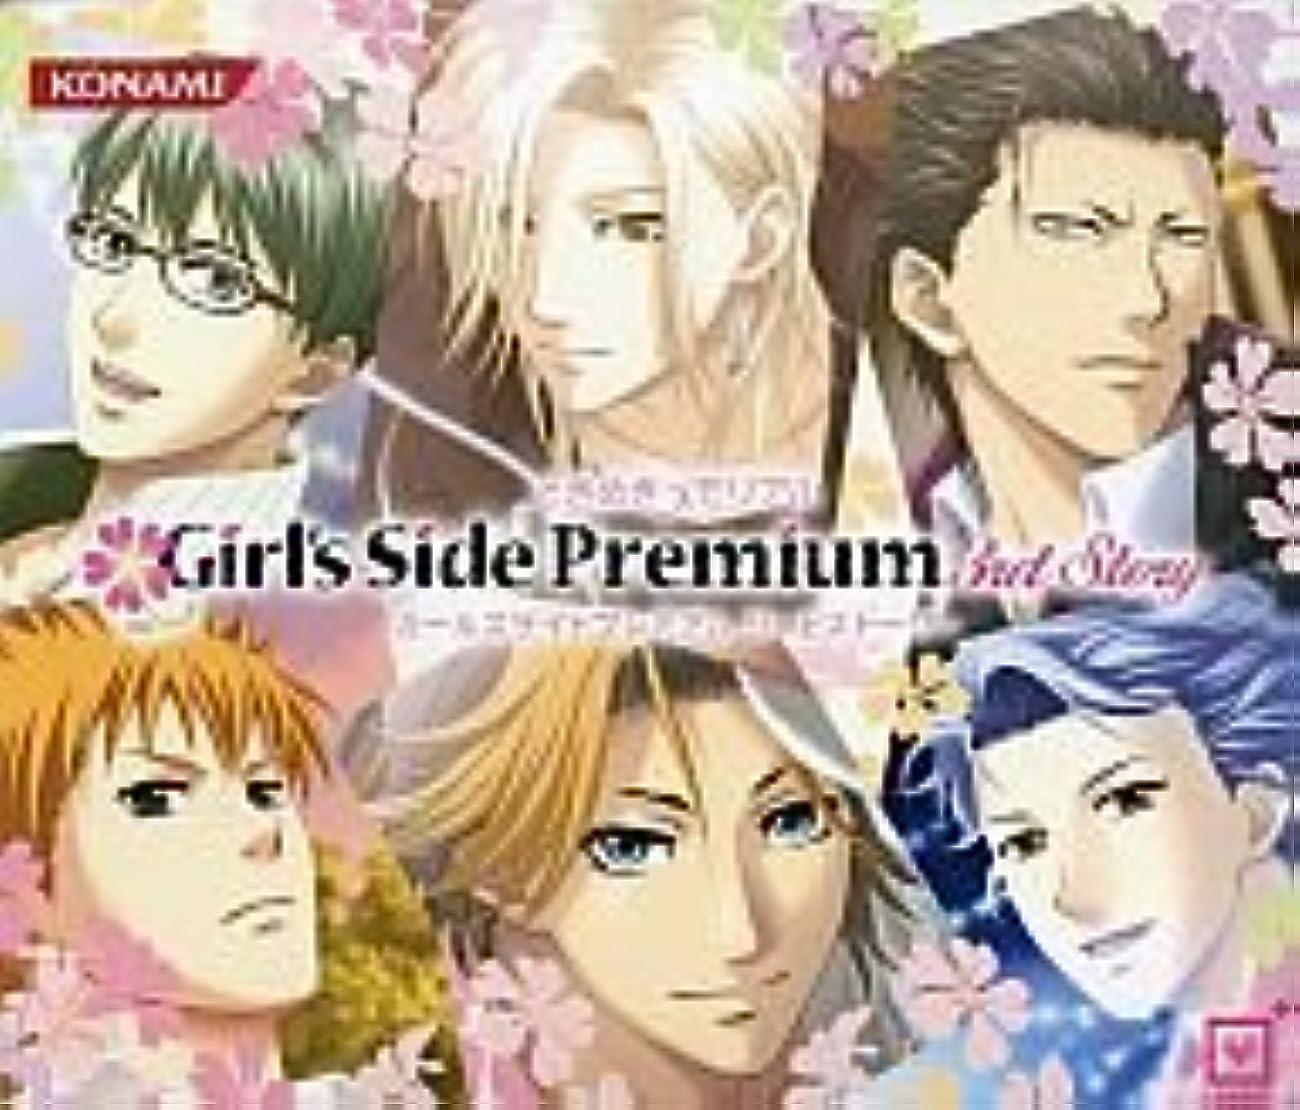 元の潜む移民ときめきメモリアル Girl's Side Premium ~3rd Story~初回特典ドラマCD